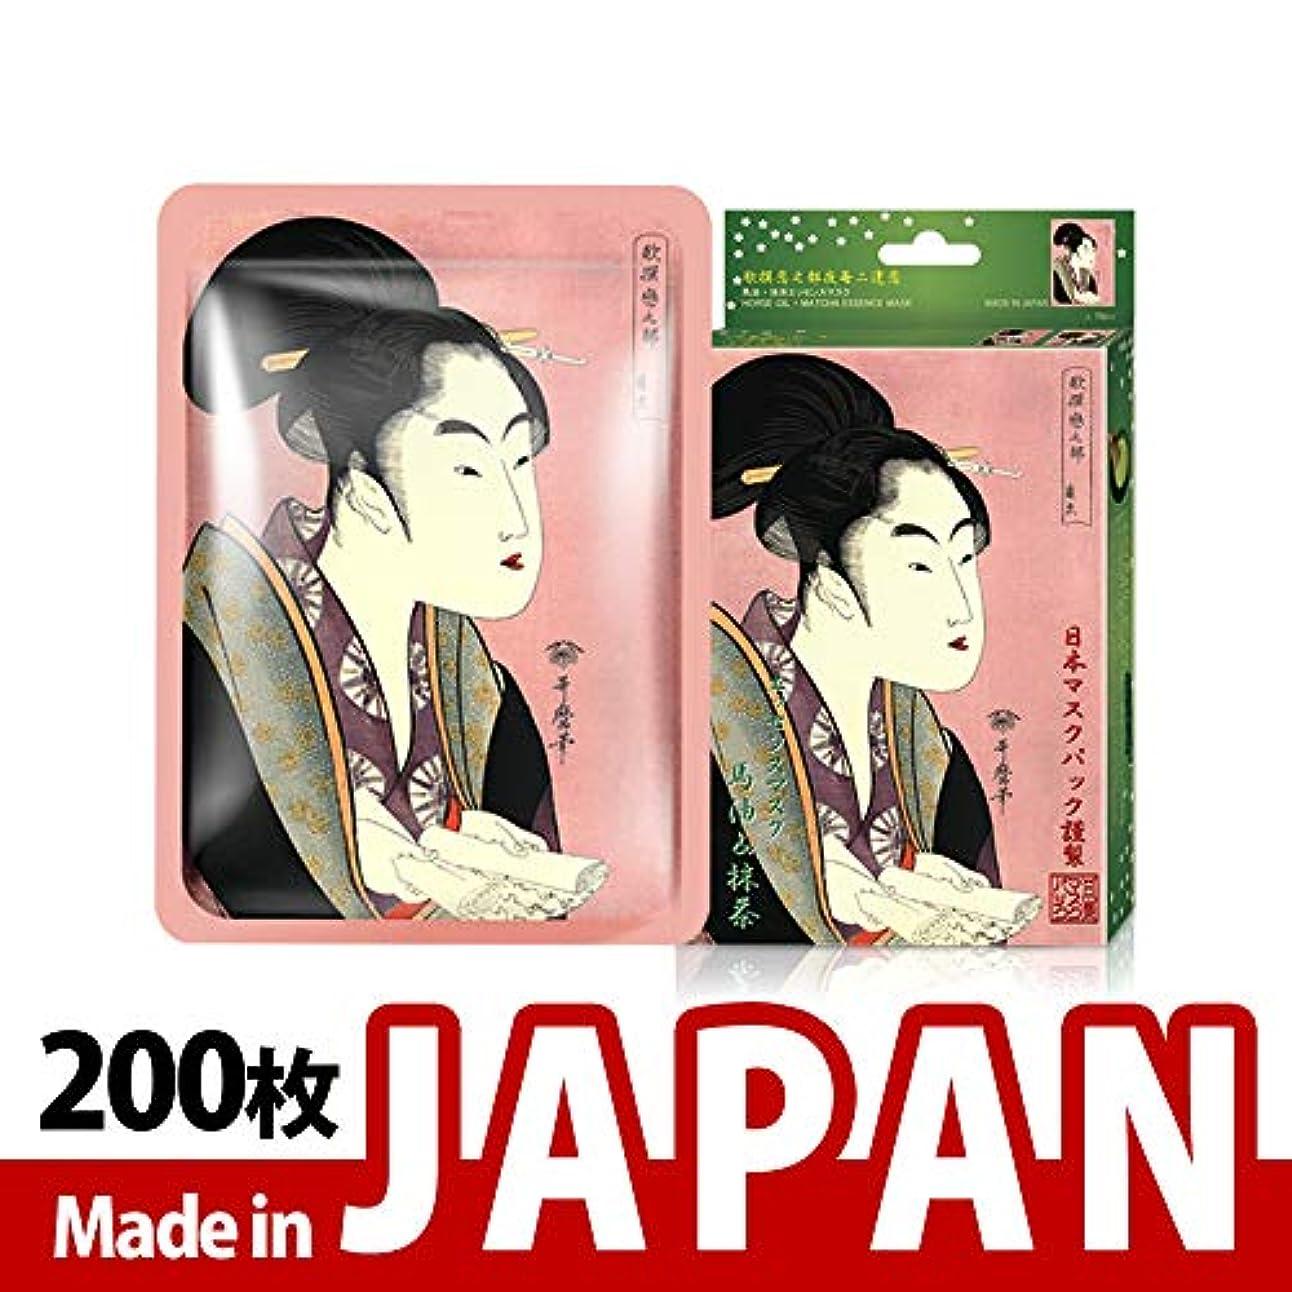 酸っぱい黙認する案件MITOMO【JP005-A-0】日本製シートマスク/10枚入り/200枚/美容液/マスクパック/送料無料